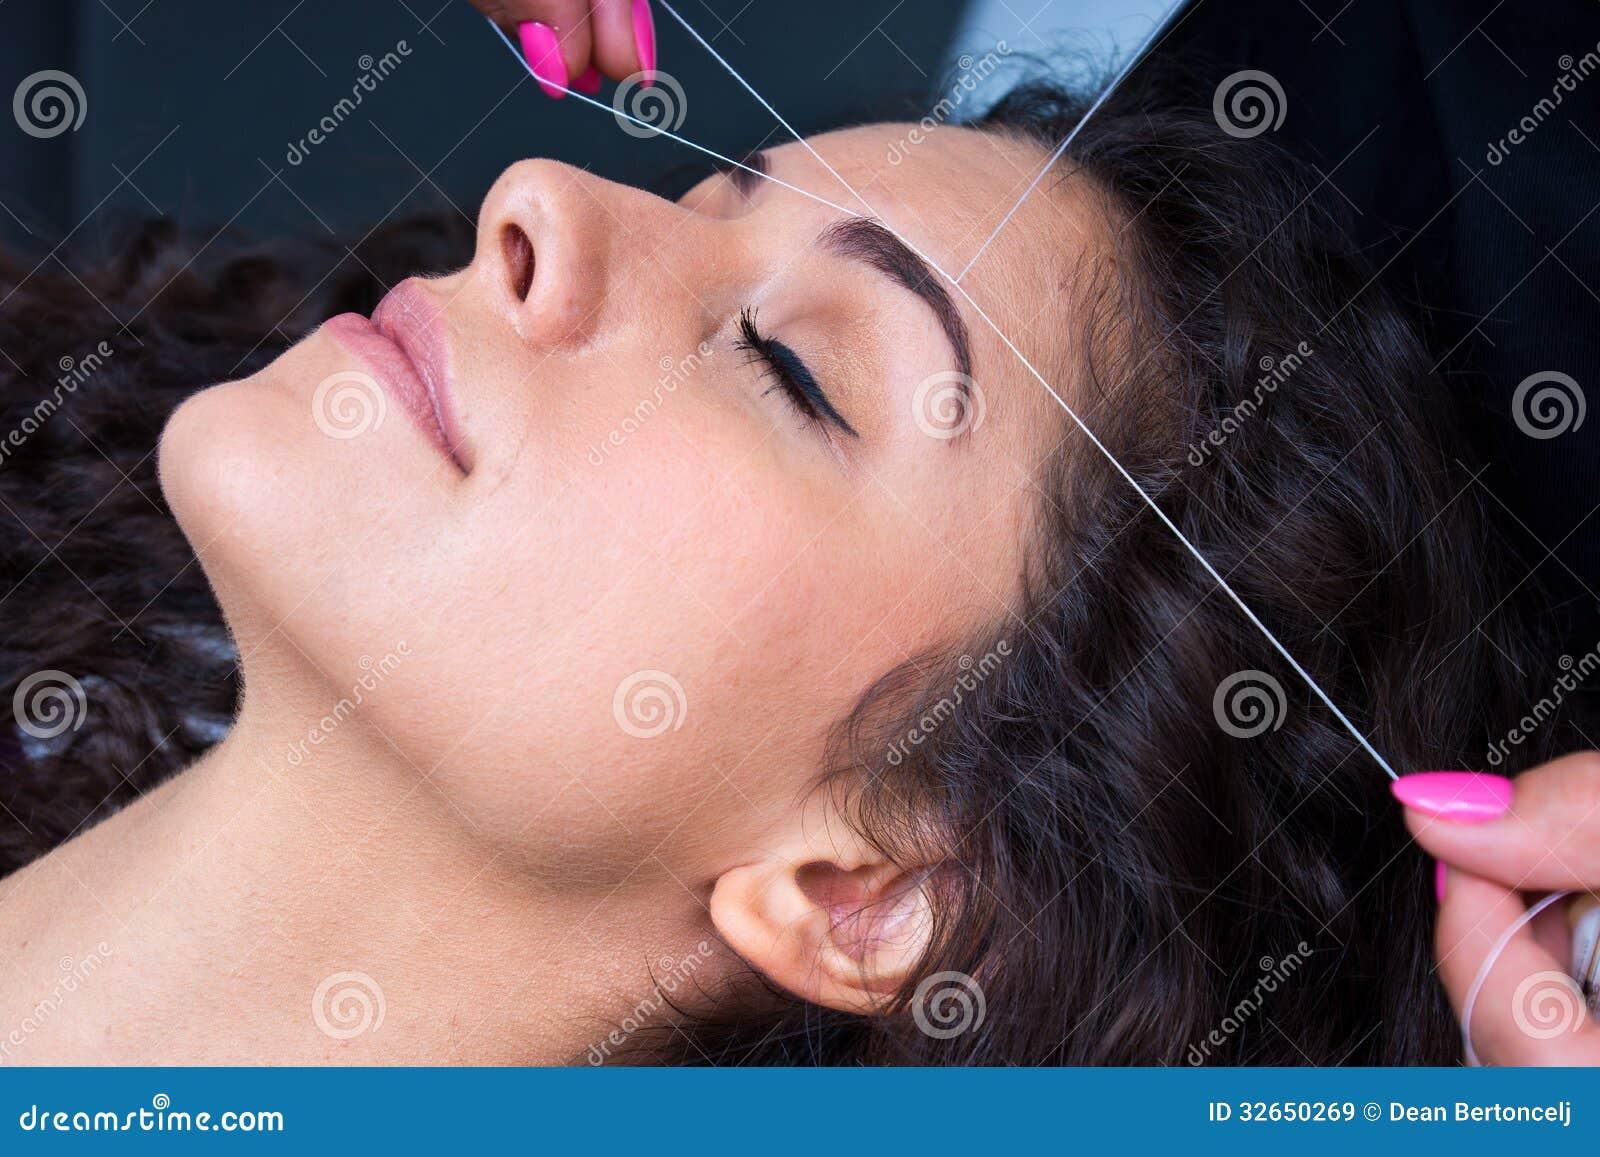 Женщина на удалении волос на лице продевая нитку процедуру